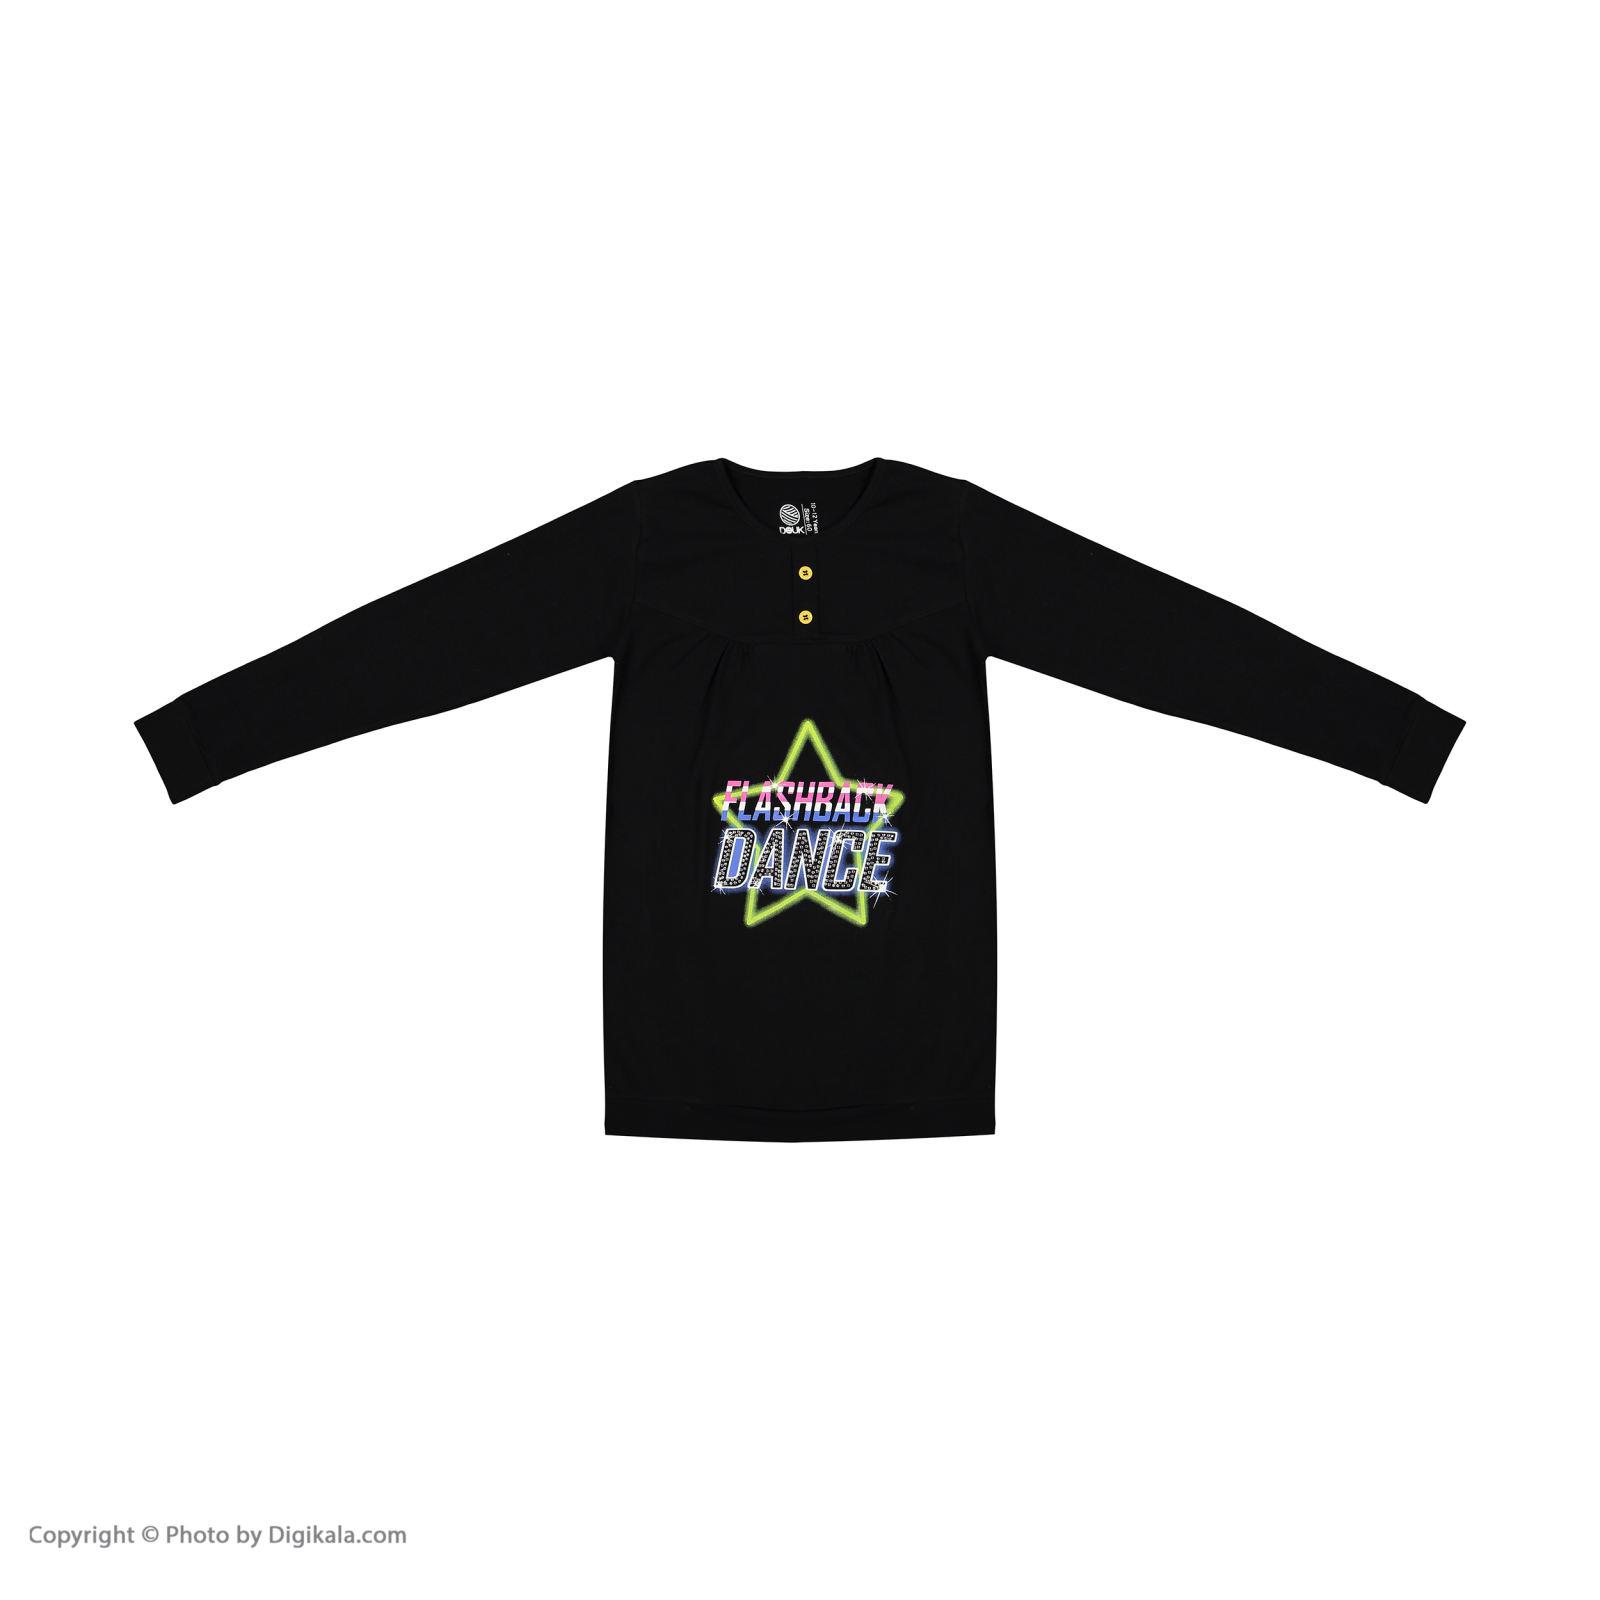 تی شرت دخترانه سون پون مدل 1391360-99 -  - 3